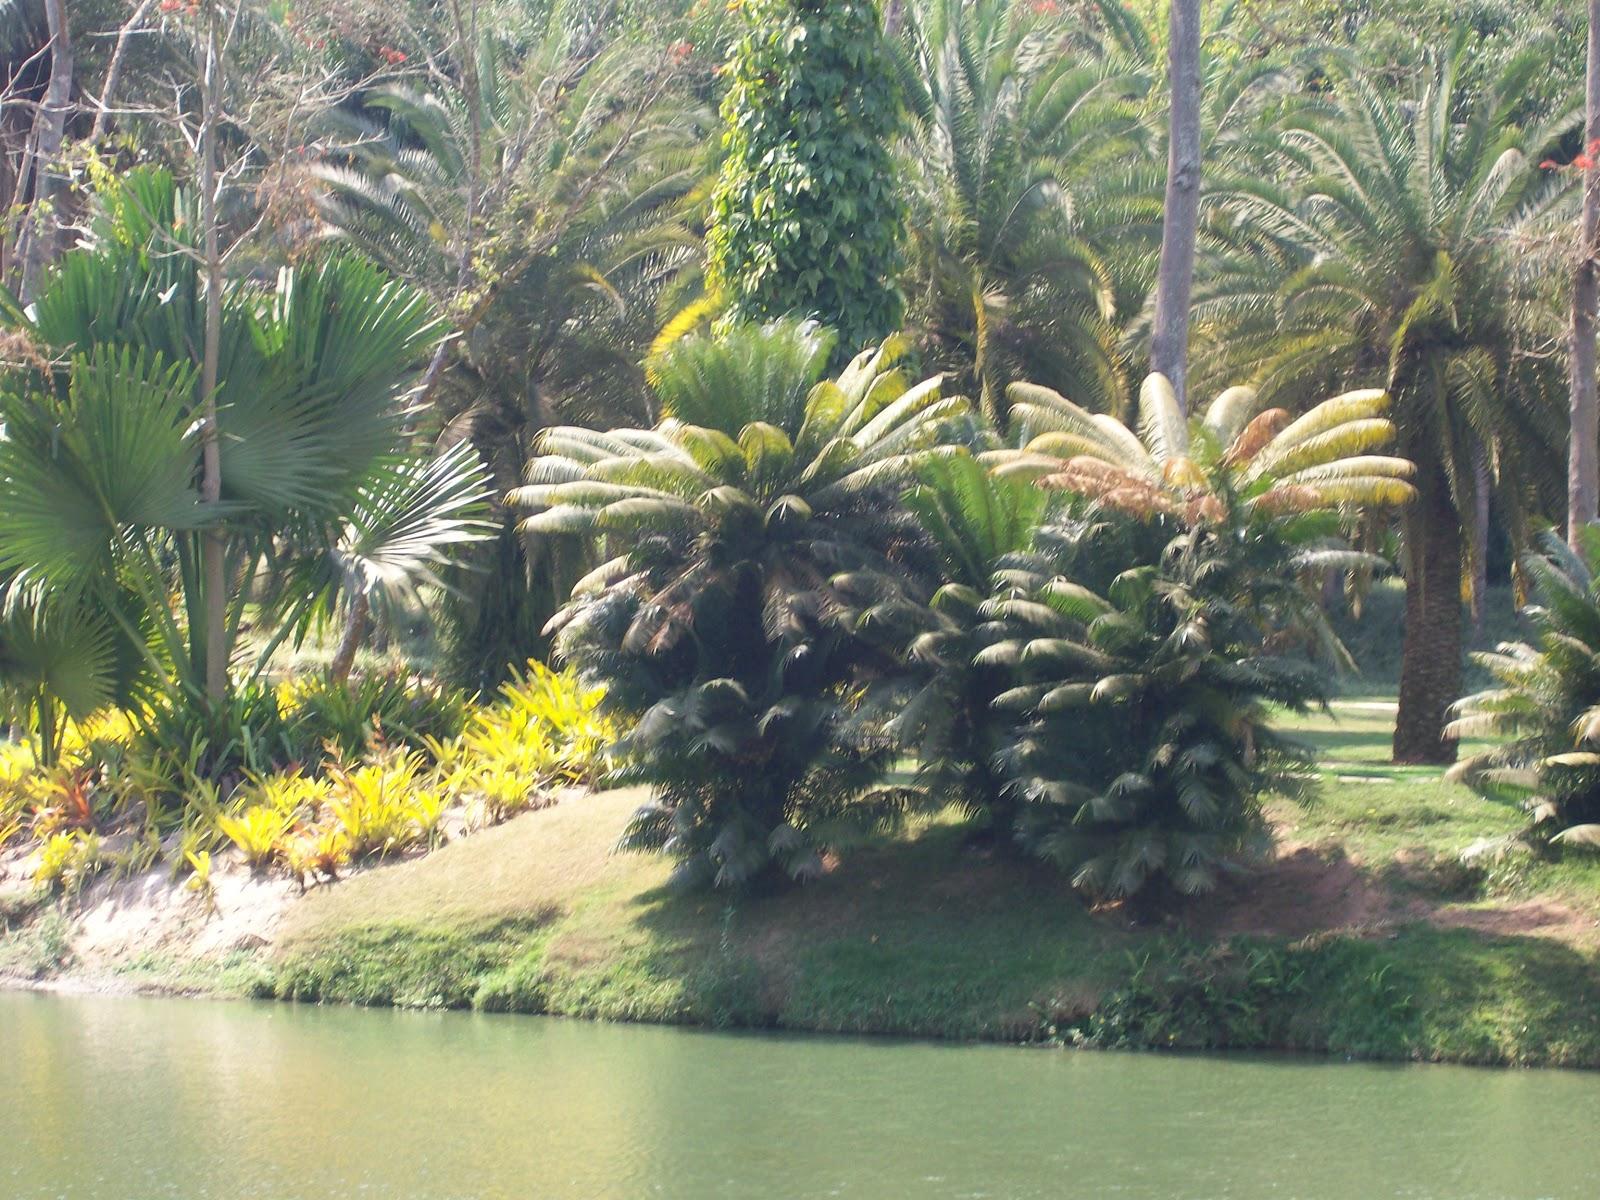 plantas do jardim botanico:Inhotim , ( Jardim Botânico ), que fica no município de Brumadinho